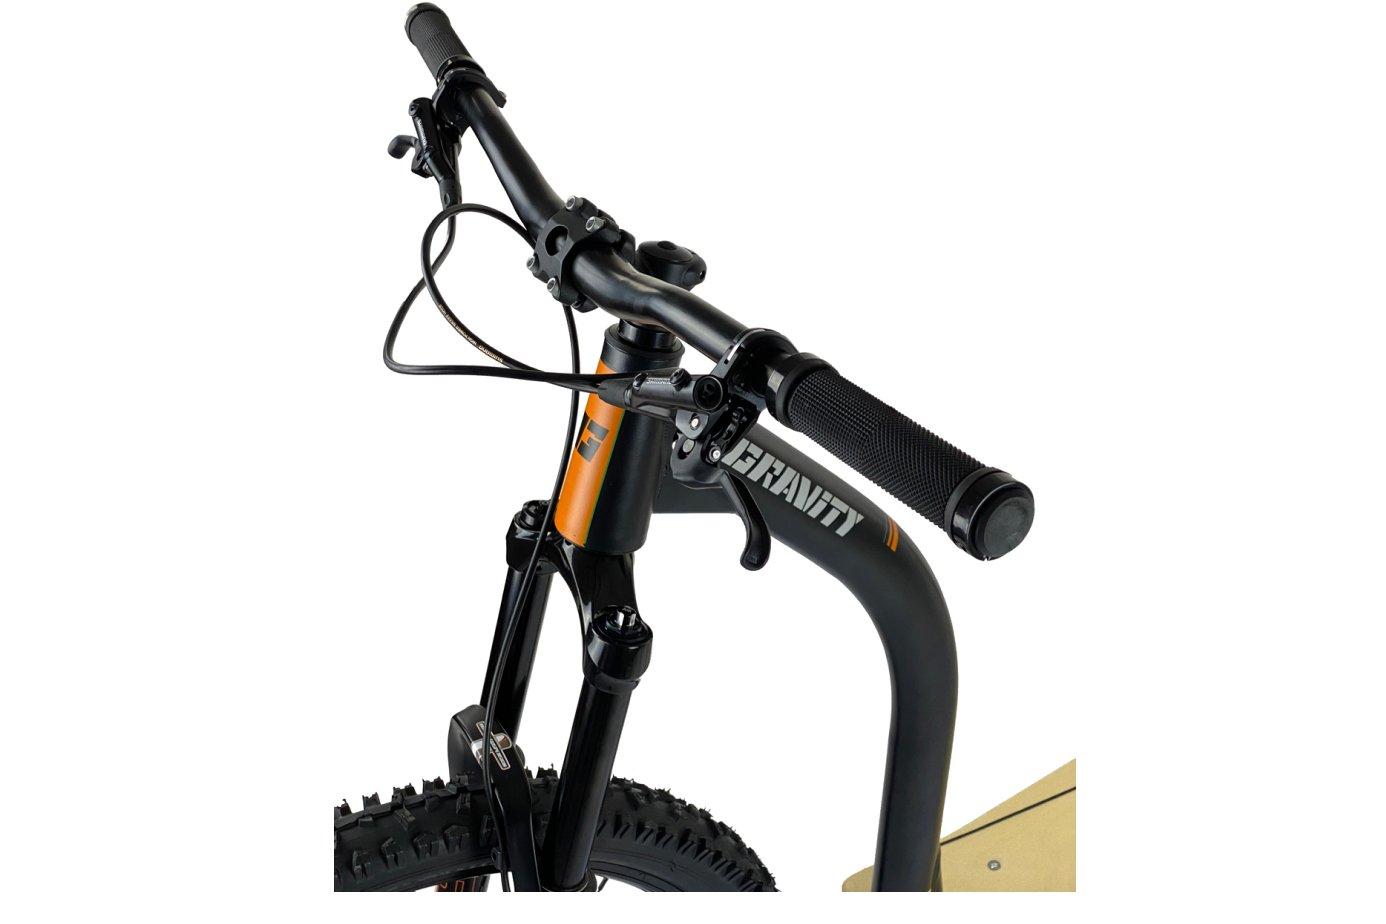 Downhill-Scooter-Federgabel mit langem Federweg